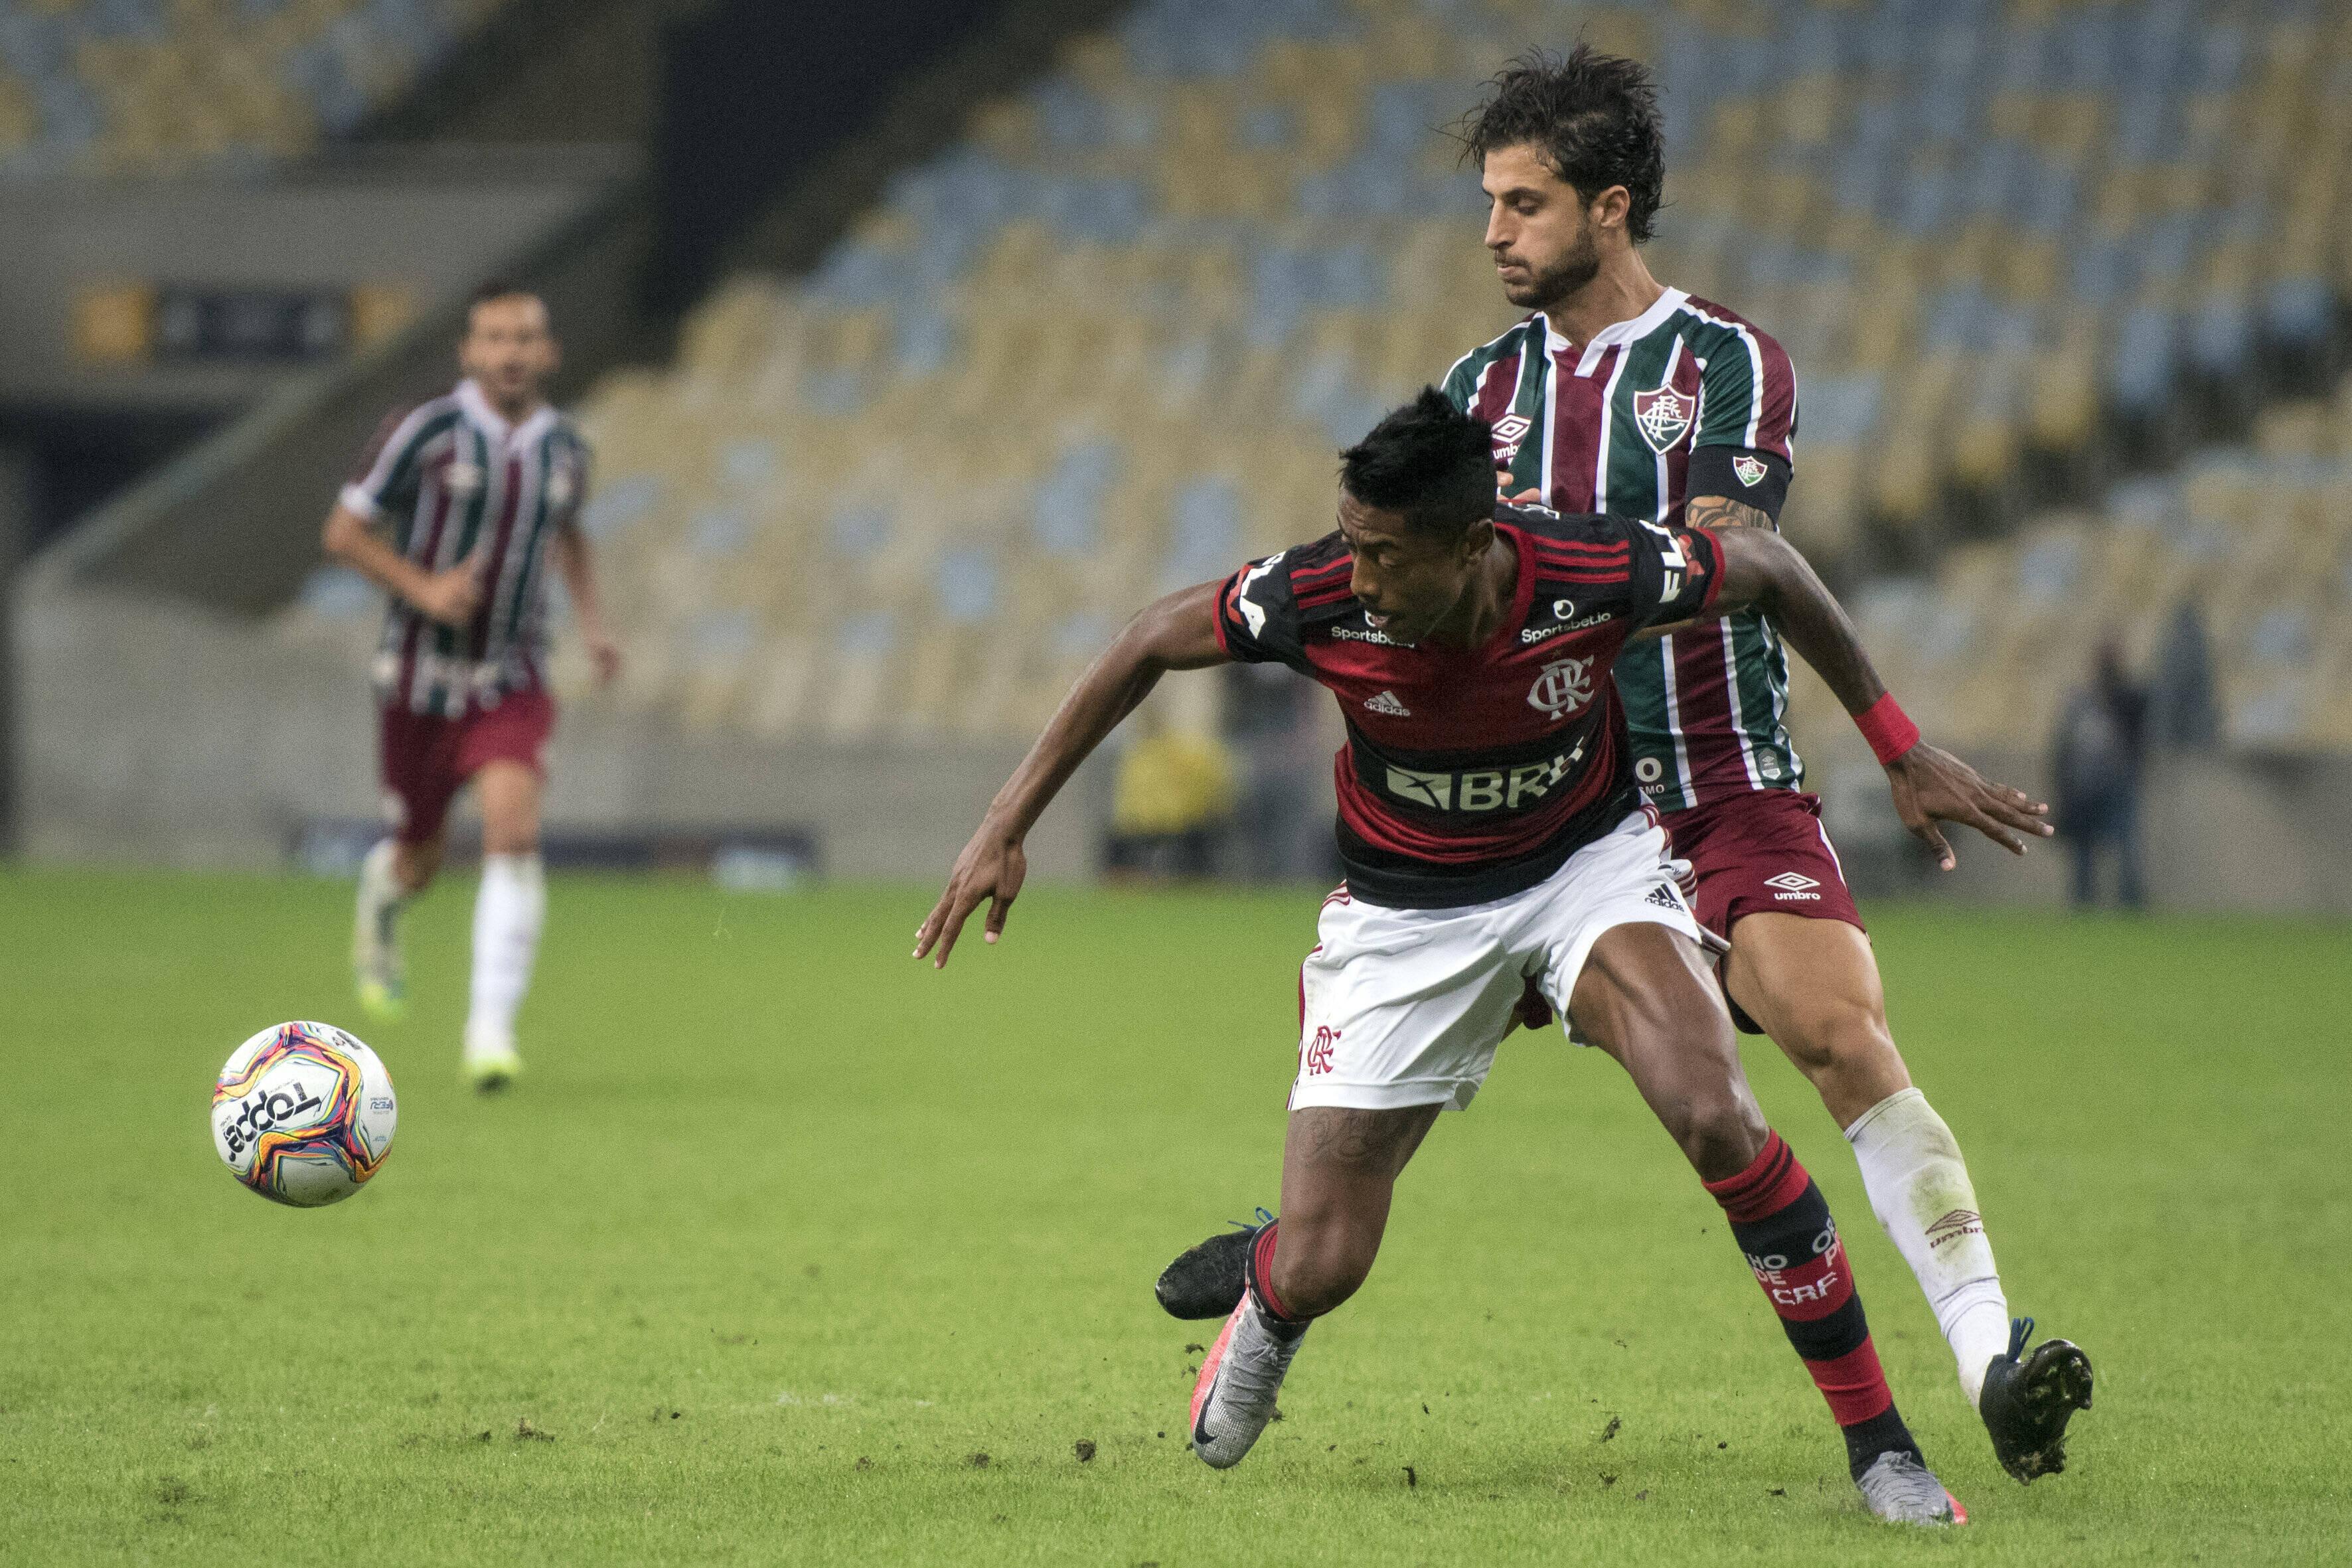 Foto: Delmiro Junior/Photo Premium/Agencia O Globo